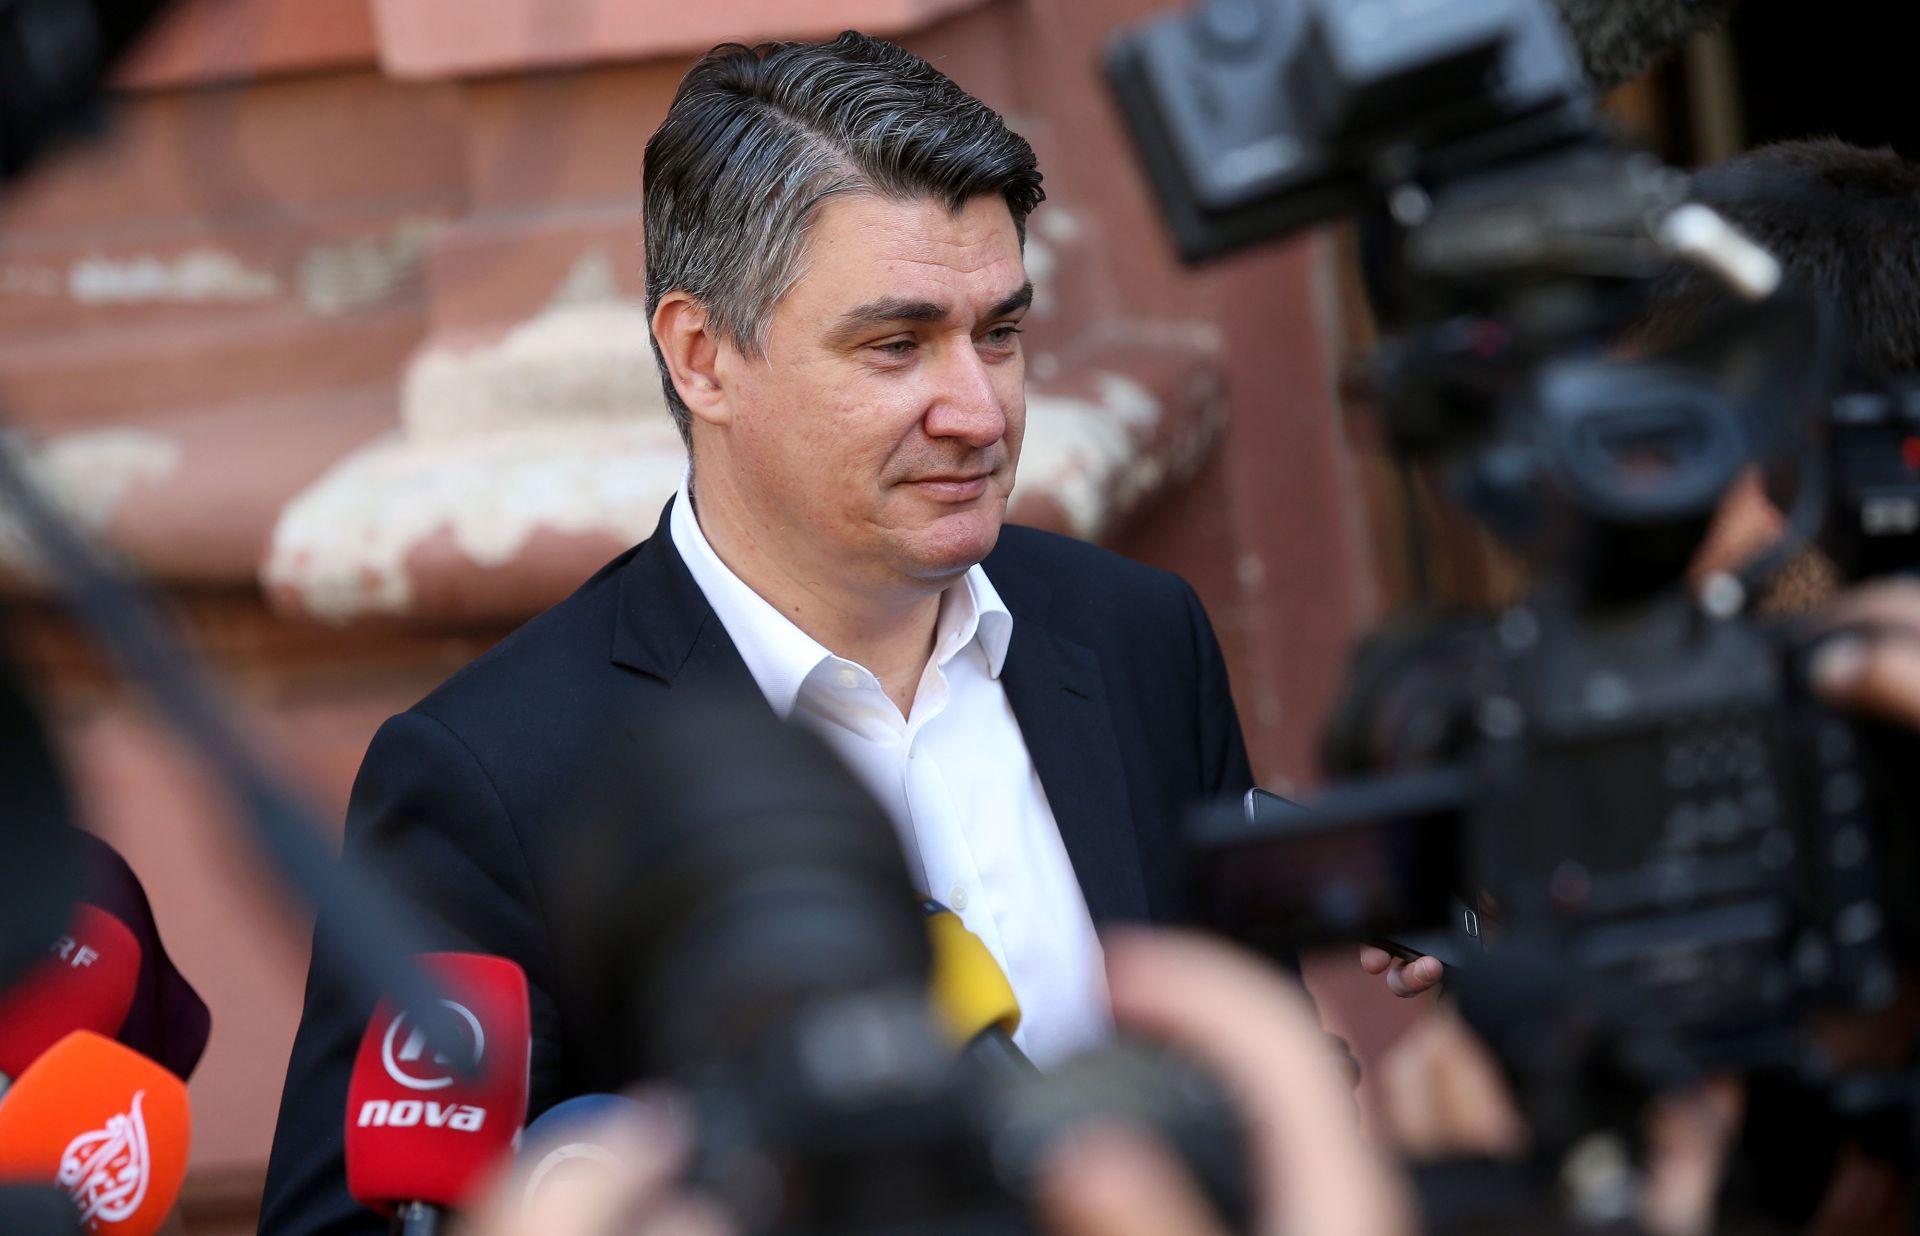 Milanović: Vlada čini sve što može po pitanju arbitraže. U SDP se ne vraćam